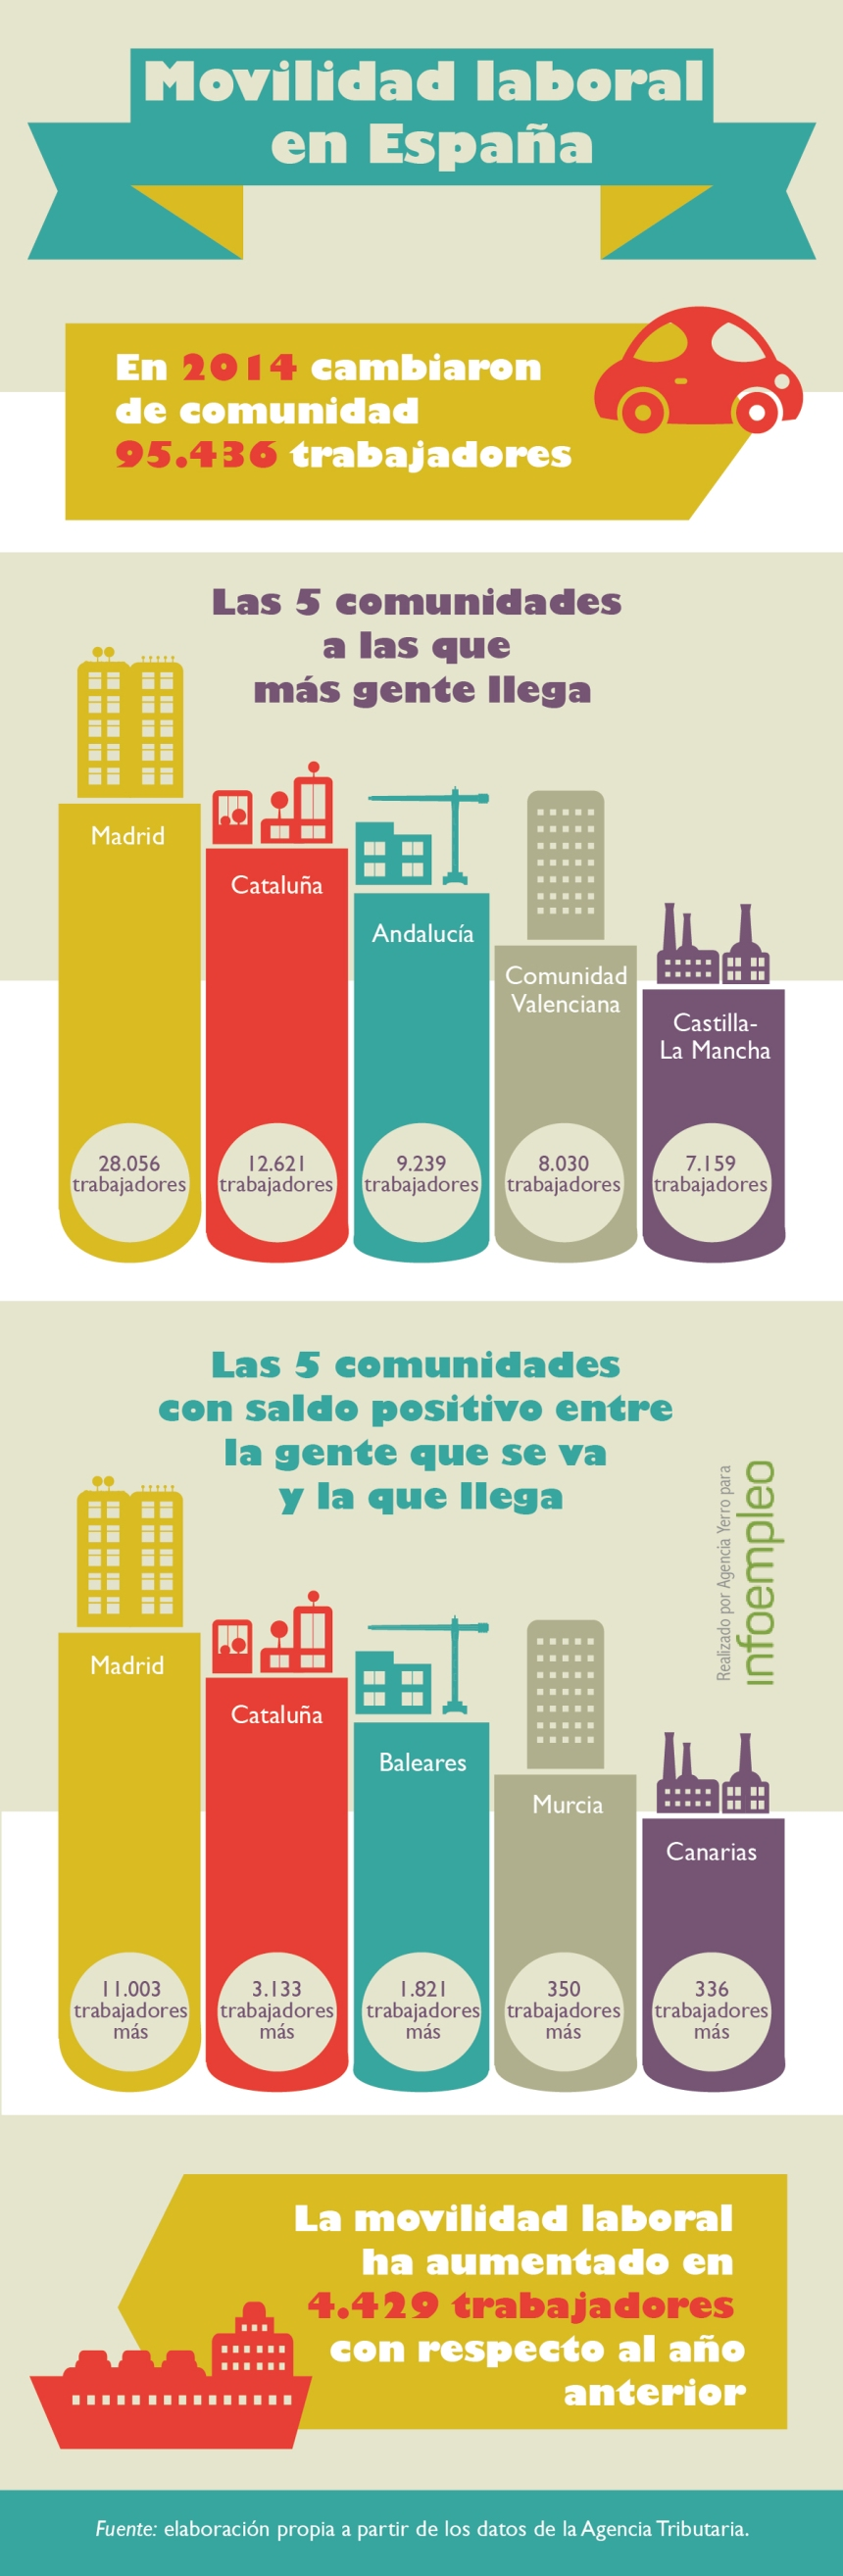 Movilidad laboral en España